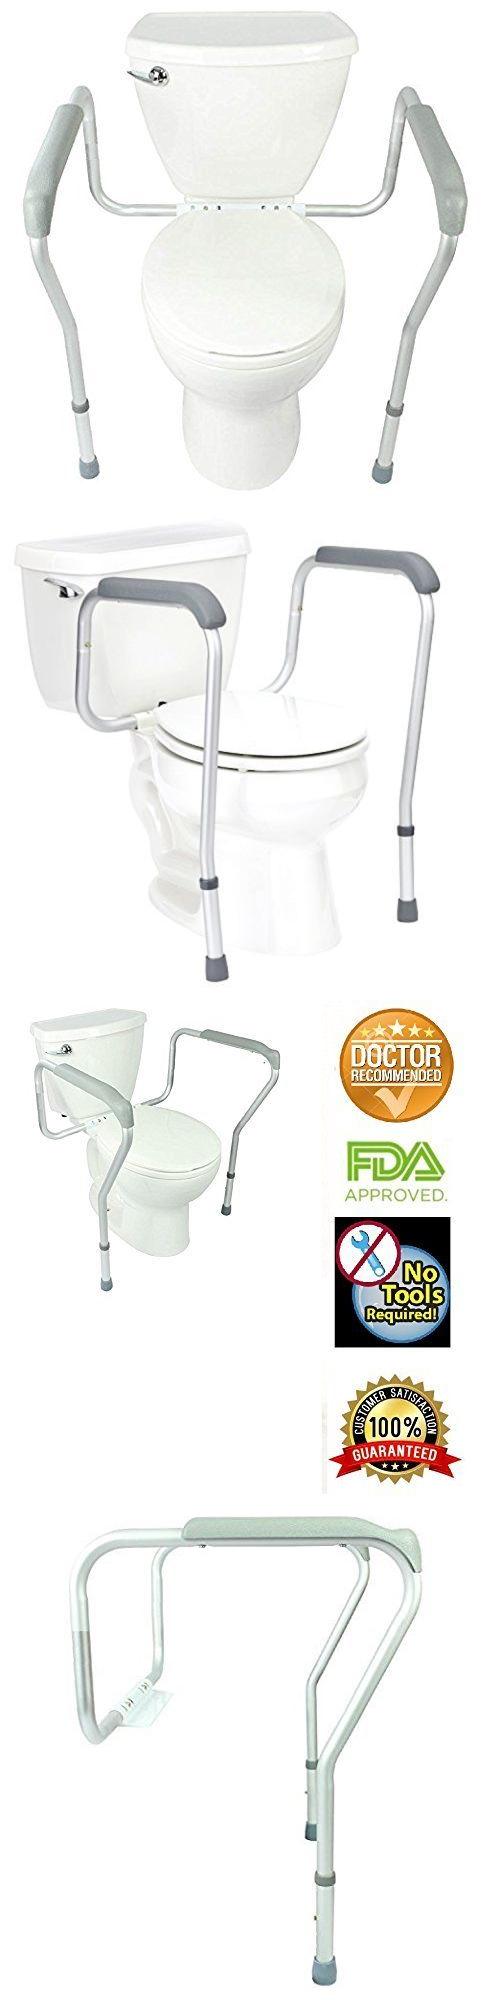 Bidet and Toilet Tissue Aids: Toilet Handicap Elderly Safety Frame ...